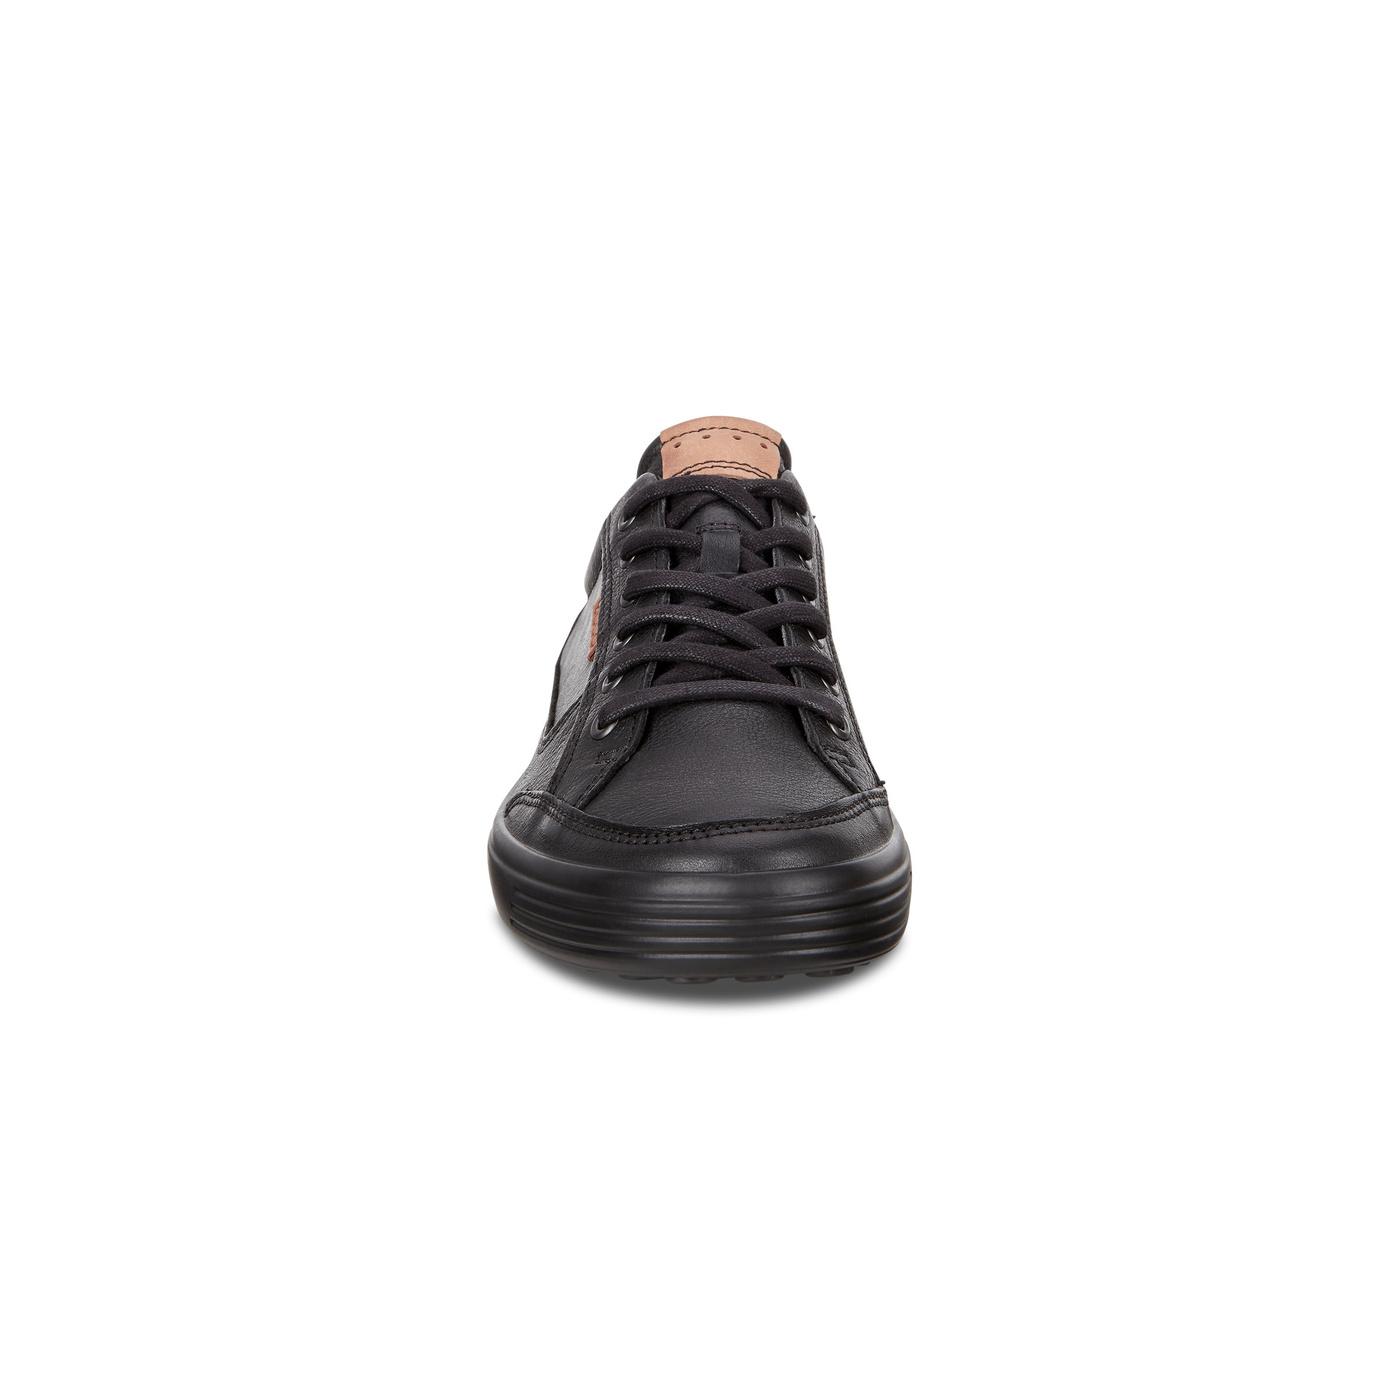 Ecco Soft 7 Black Borneo 430304 01001